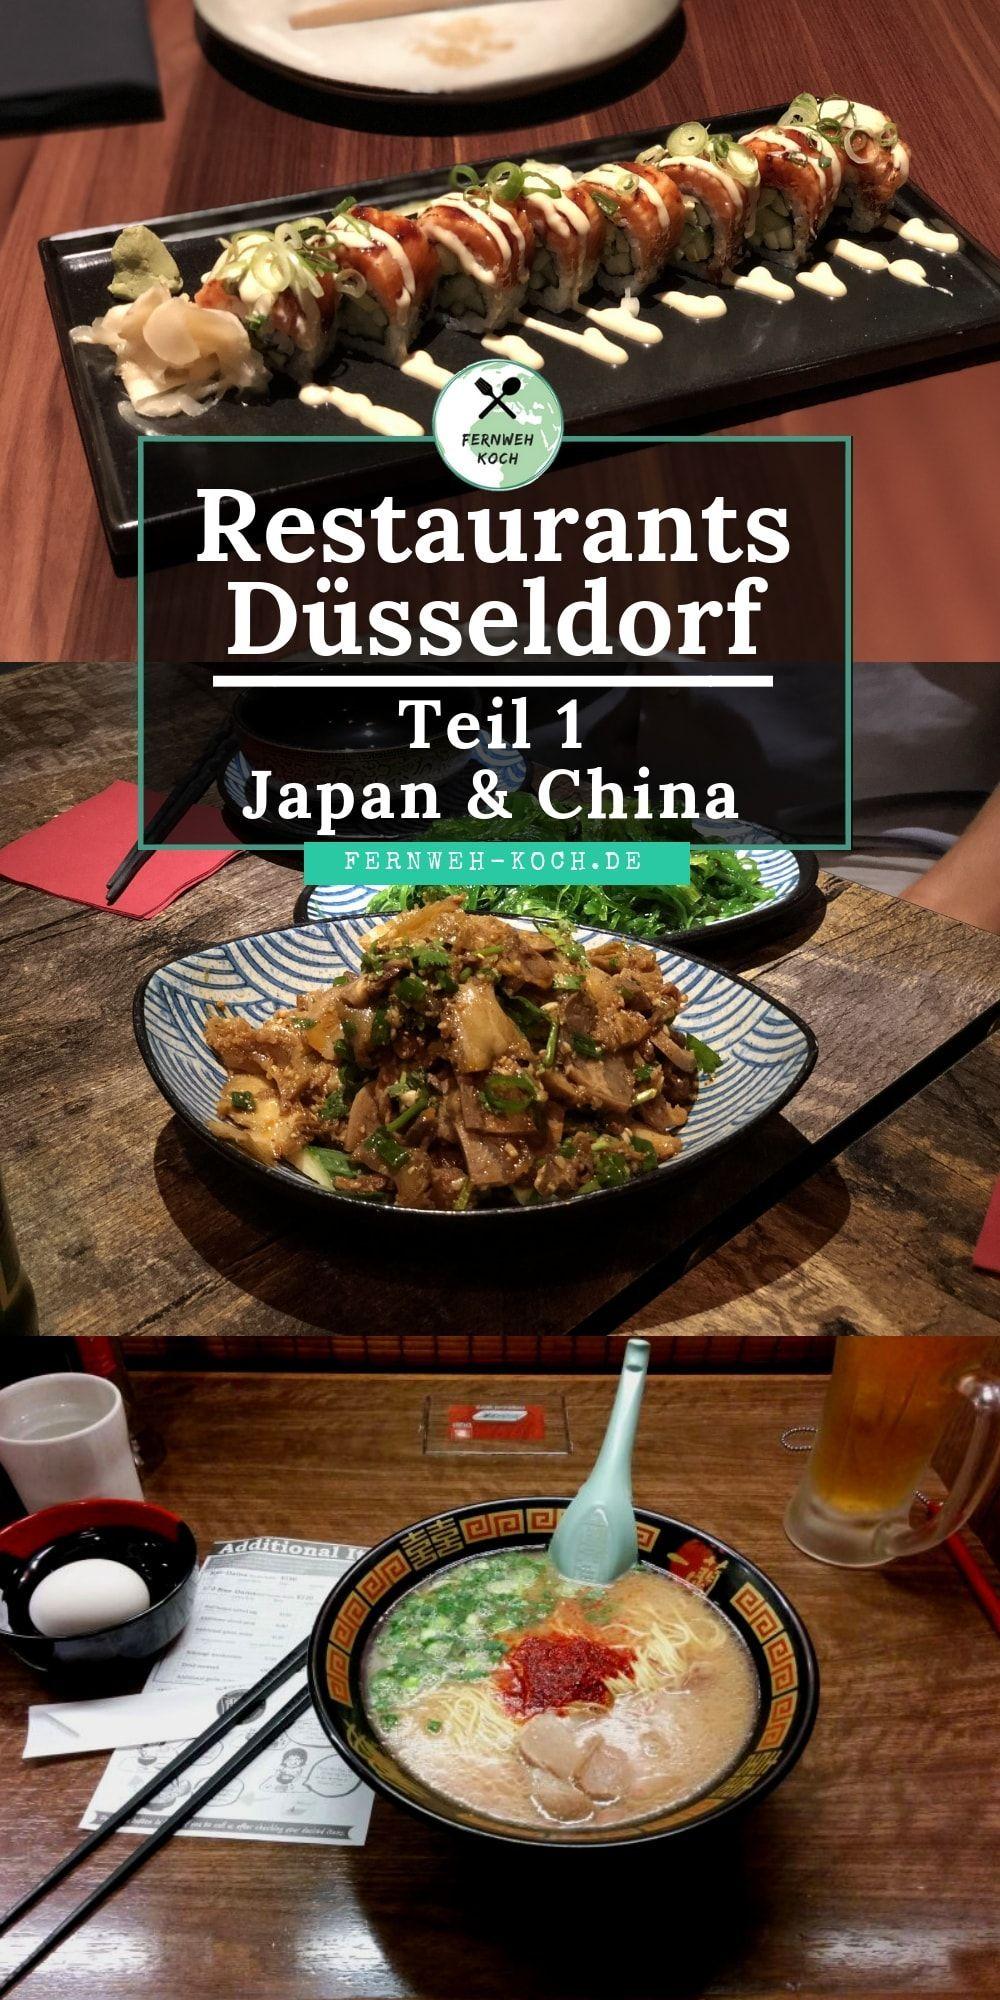 Düsseldorfer Restaurants - Japan und China  Restaurant düsseldorf